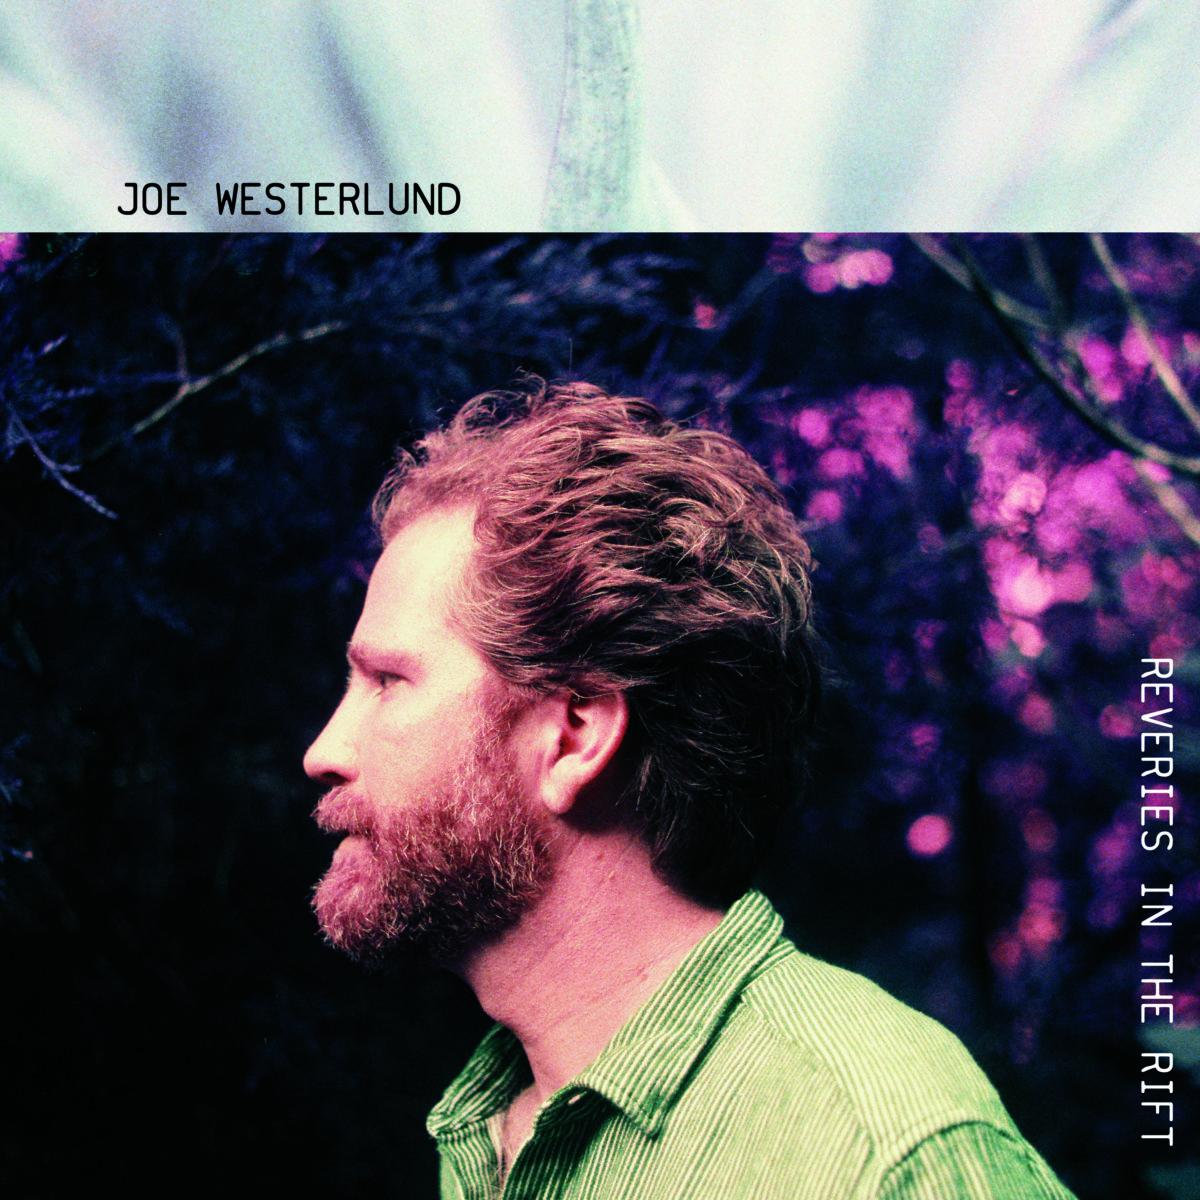 Joe Westerlund